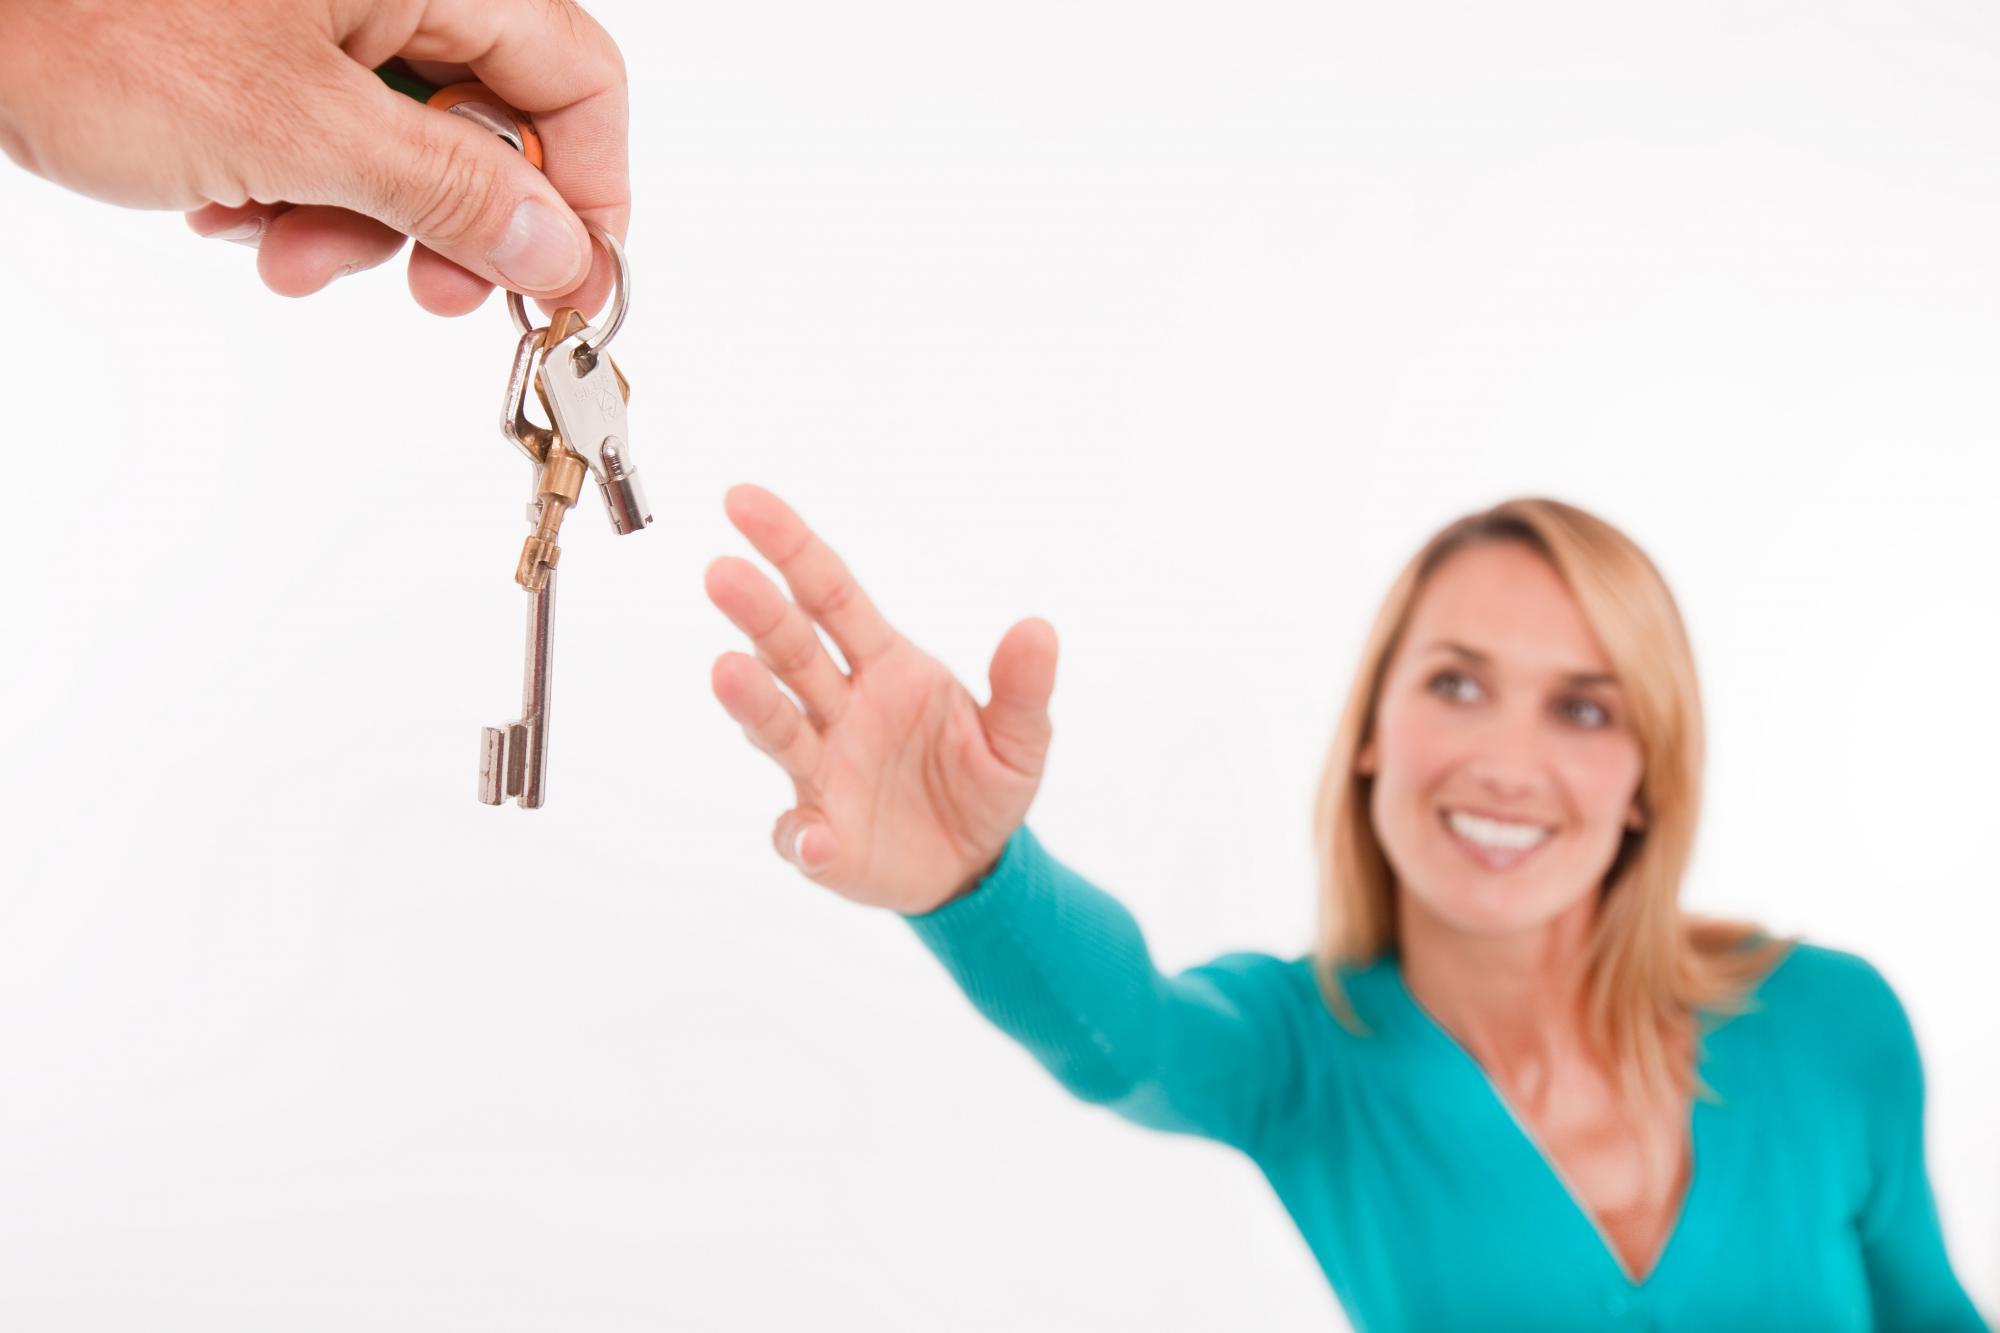 clausulas contrato alquiler vivienda